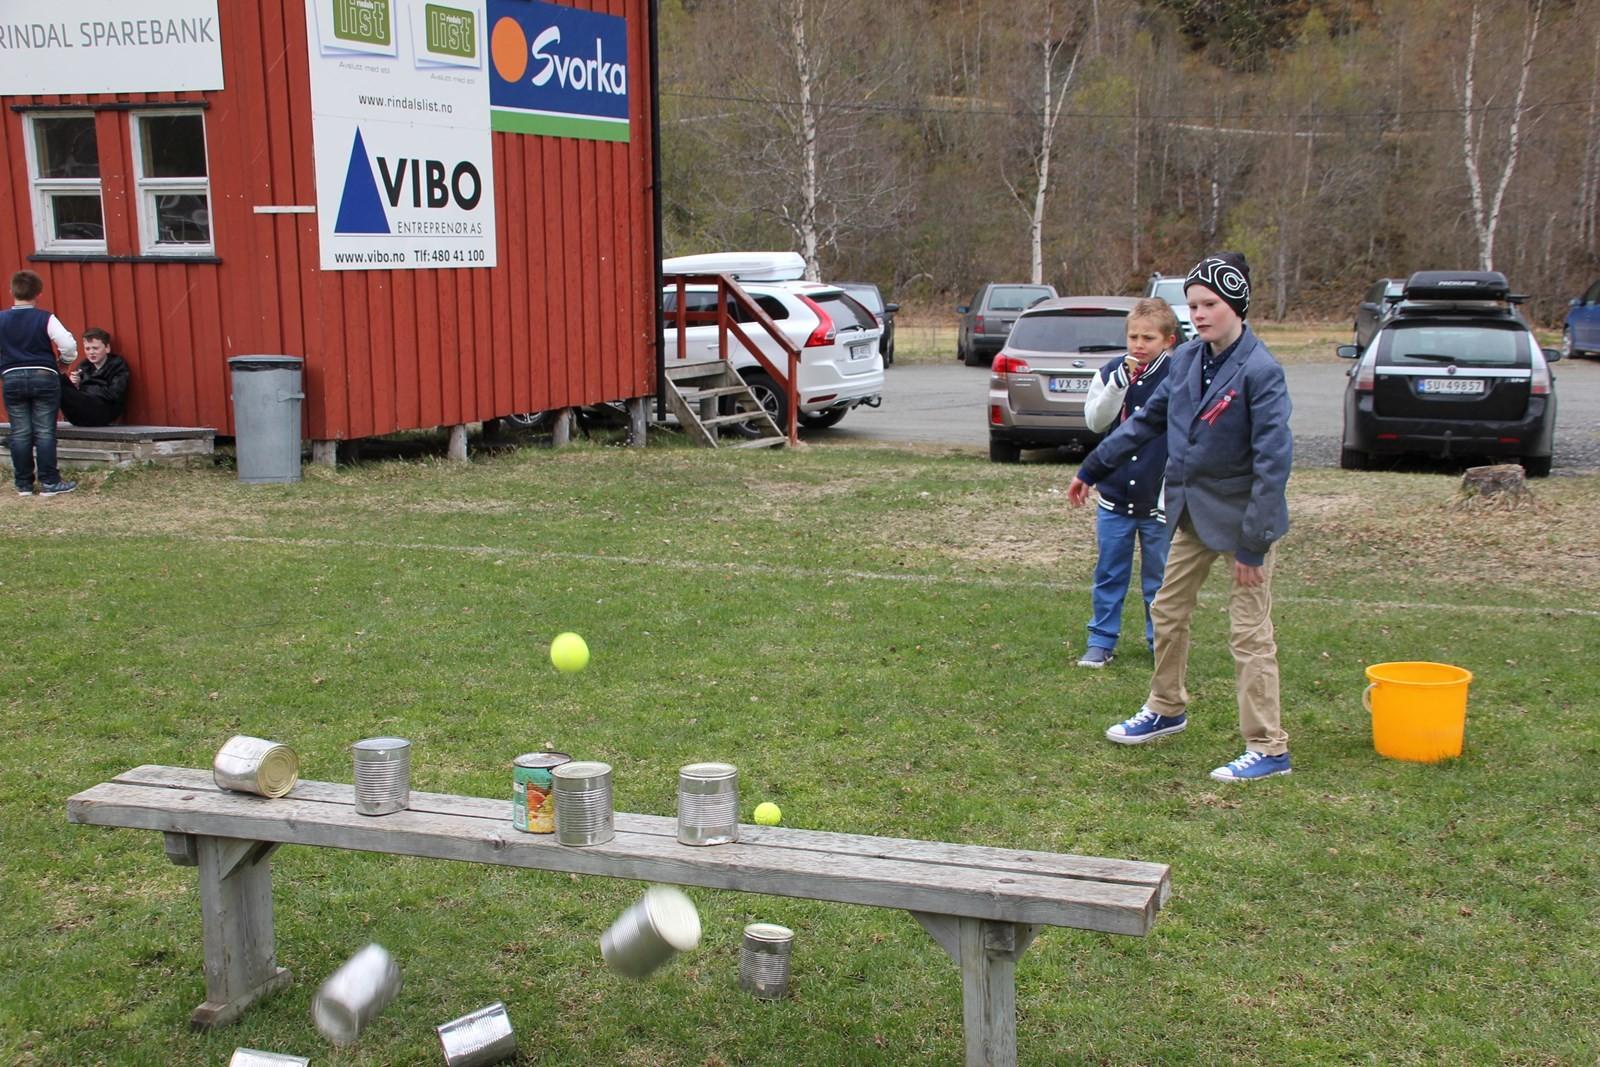 Feiring i Rindal med mange artige leker for barna.